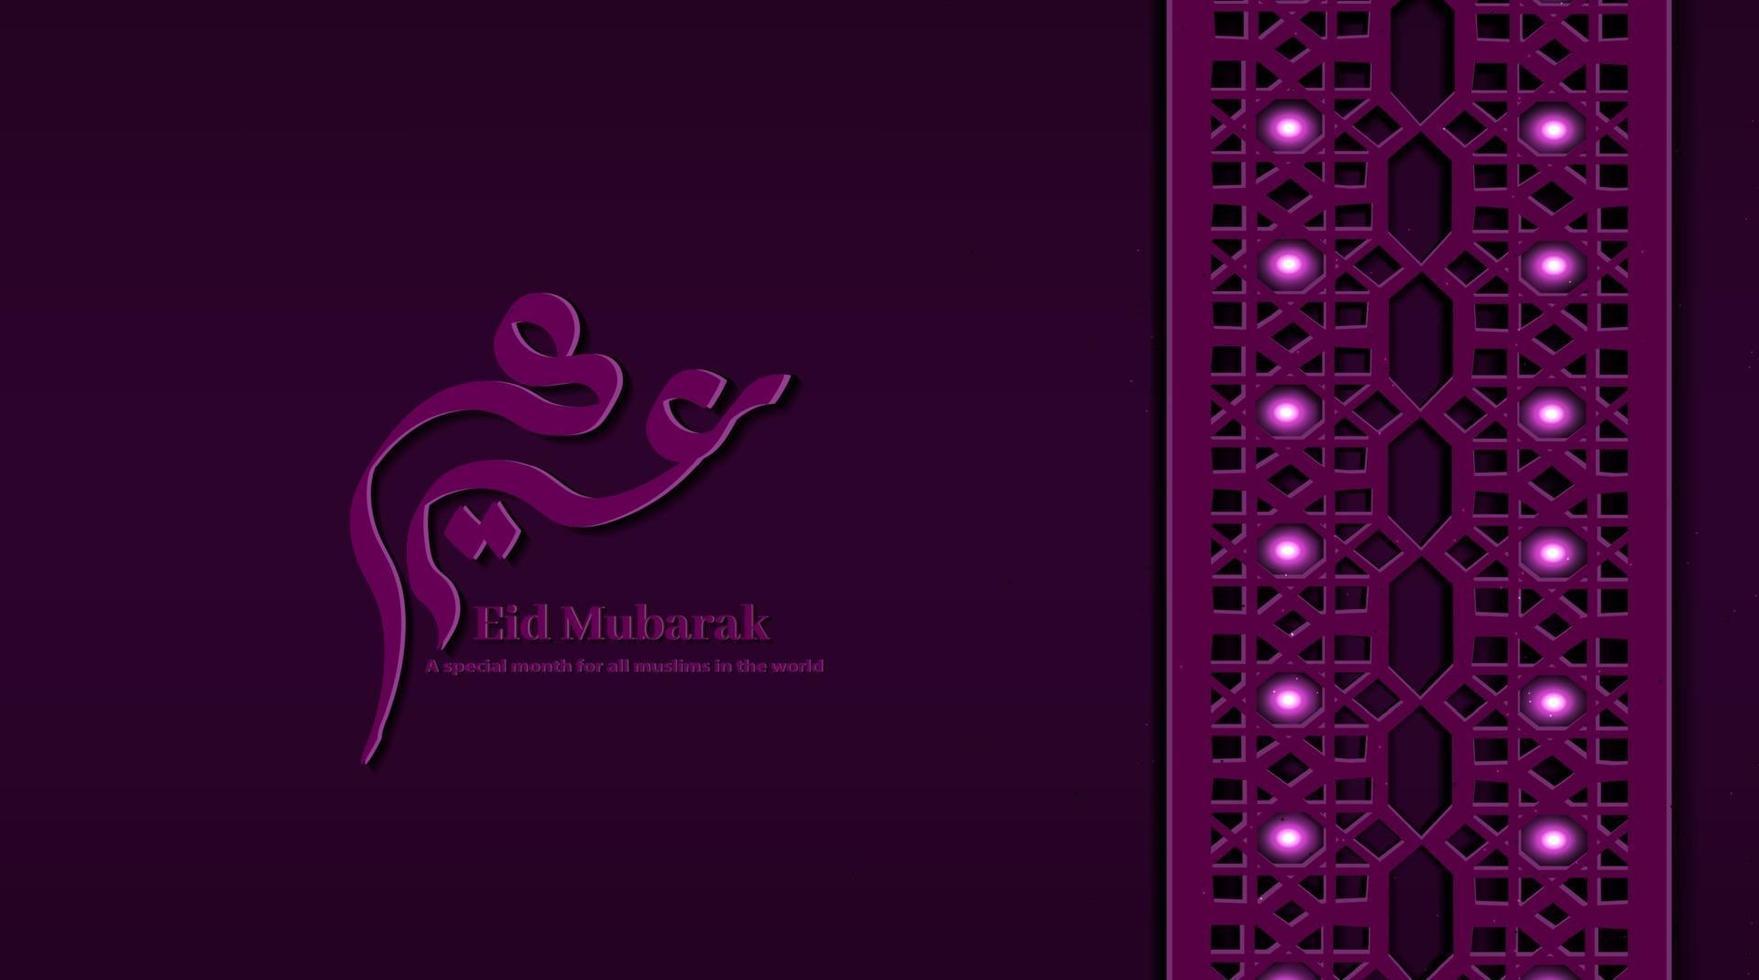 eid mubarak sfondo vacanza islamica con calligrafia vettore